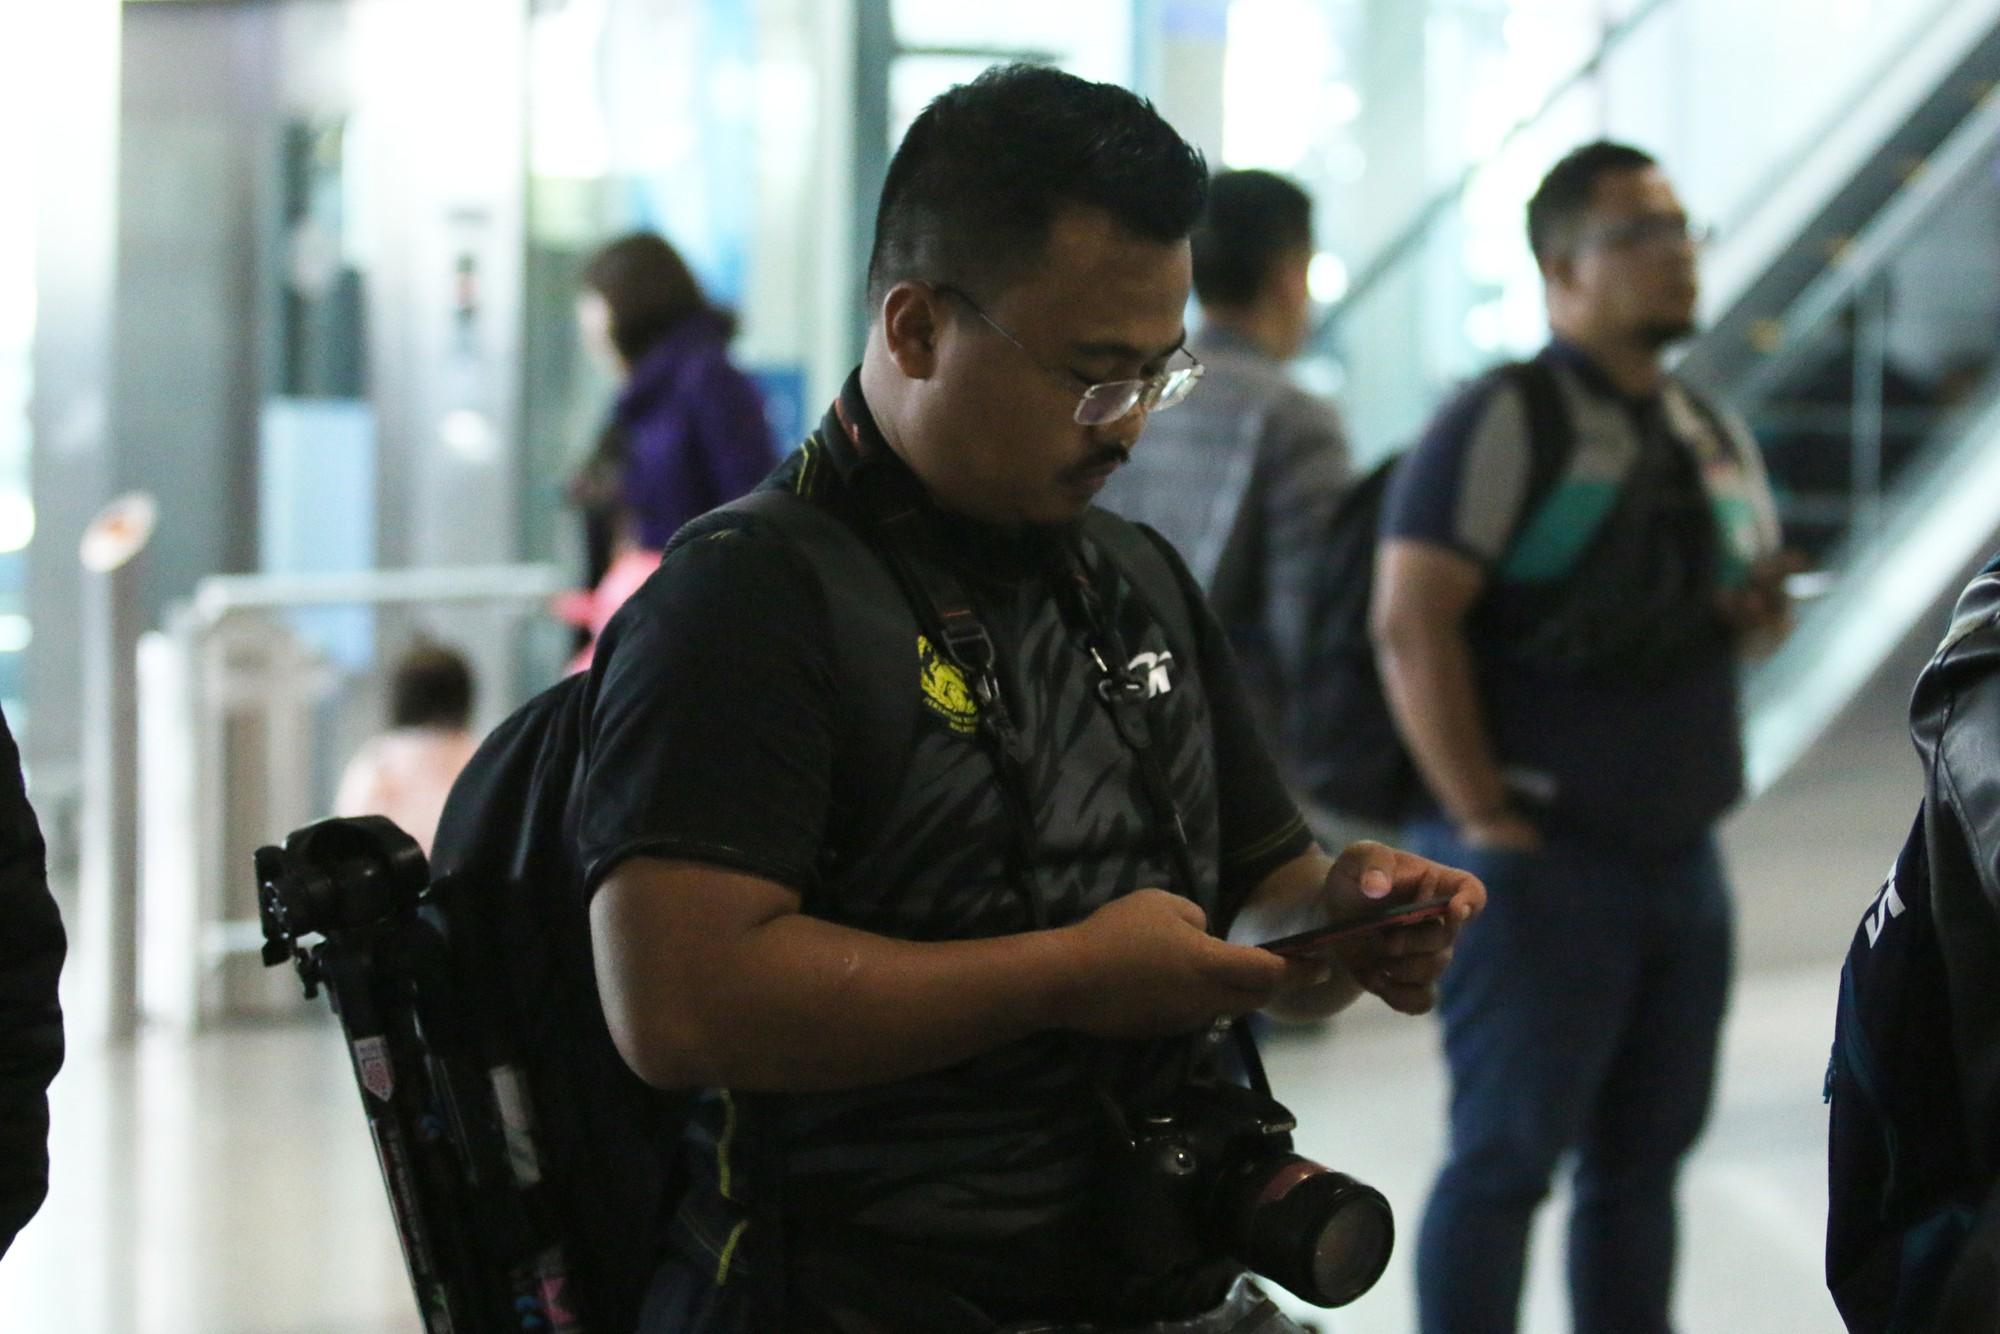 HLV trưởng Malaysia đi cùng người phụ nữ bí ẩn sang Việt Nam đá trận chung kết AFF Cup 2018 - Ảnh 8.